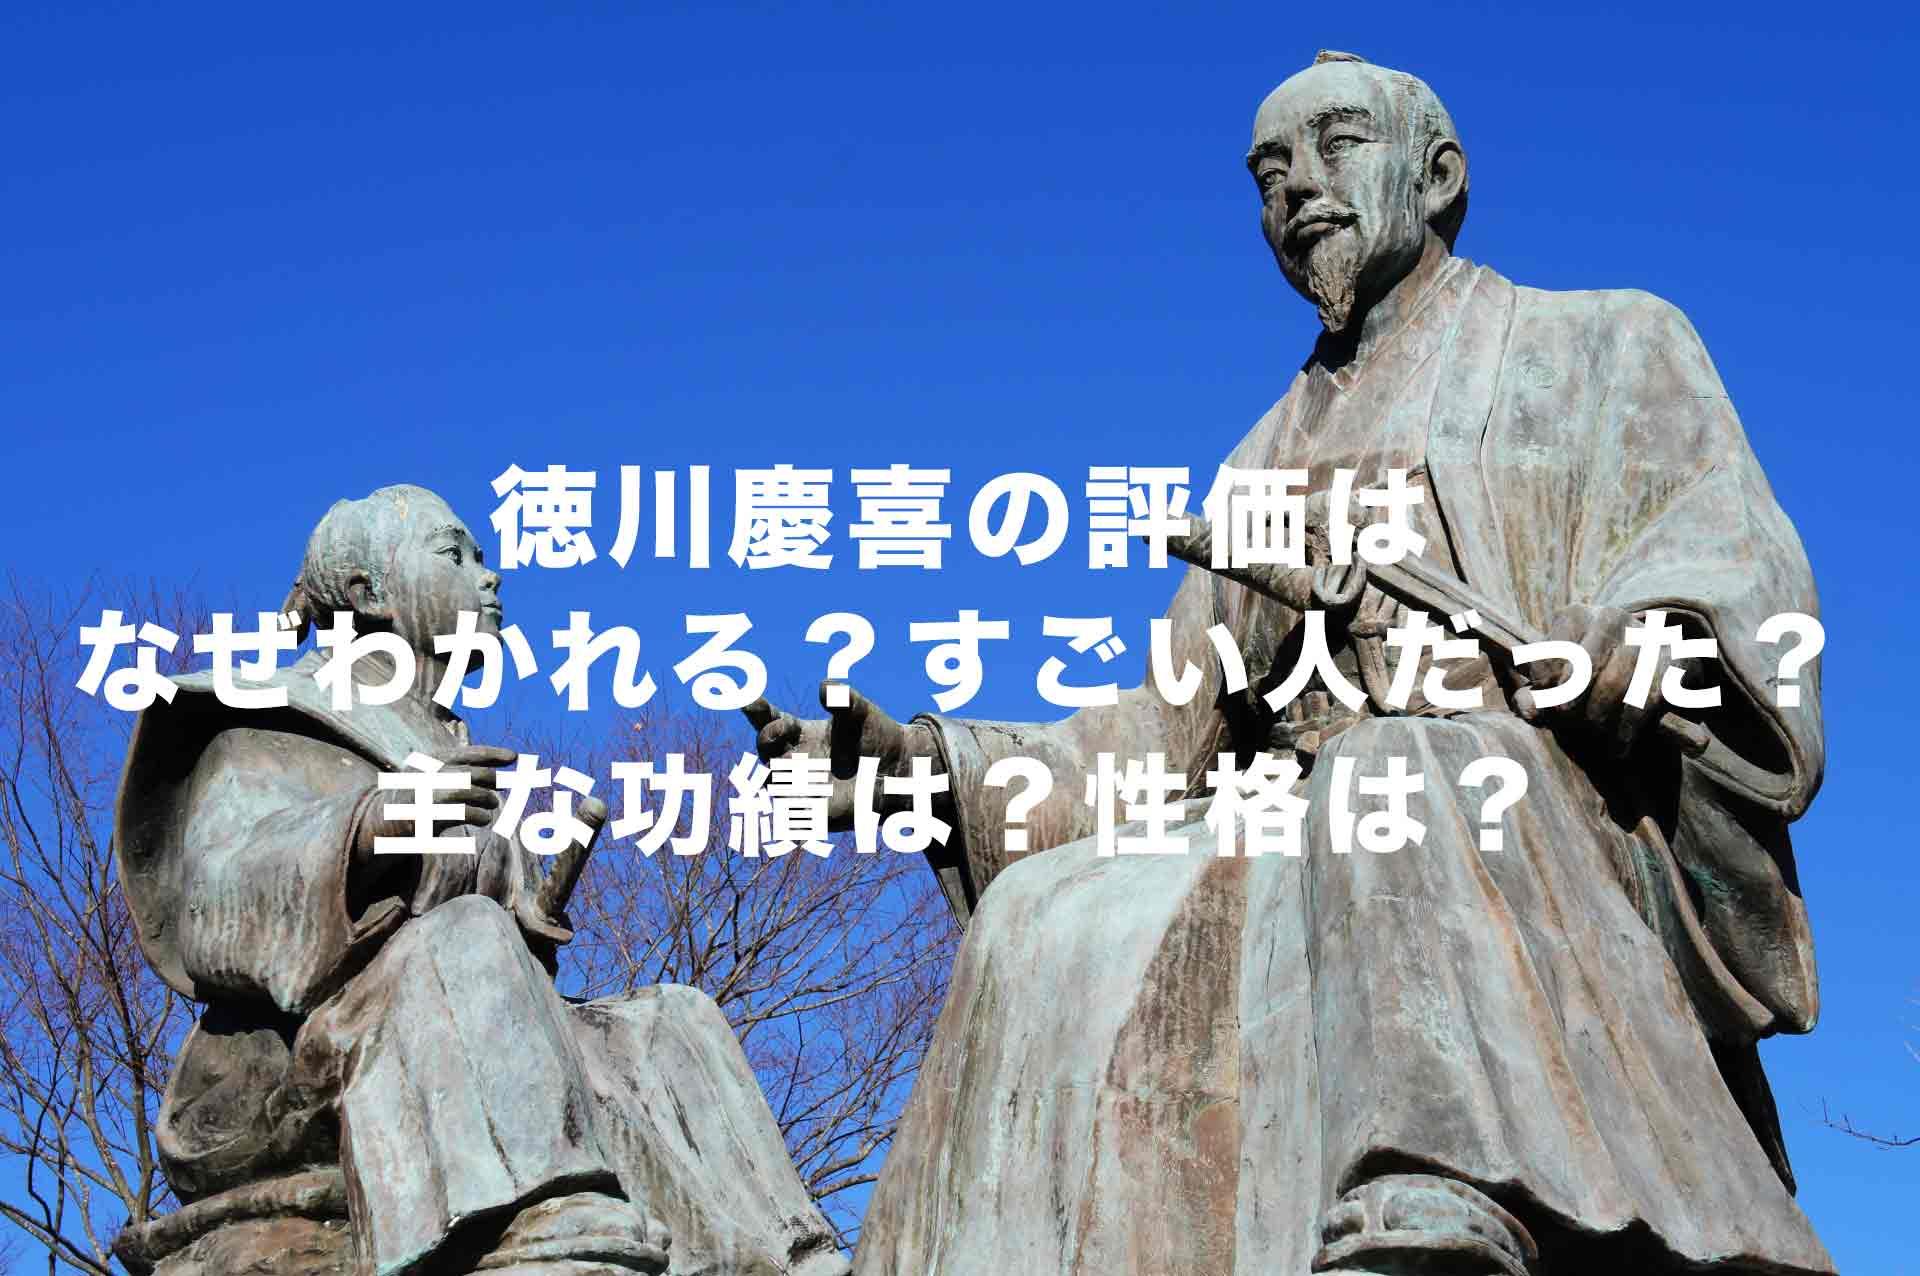 徳川慶喜の評価はなぜわかれる?すごい人だった?主な功績は?性格は?